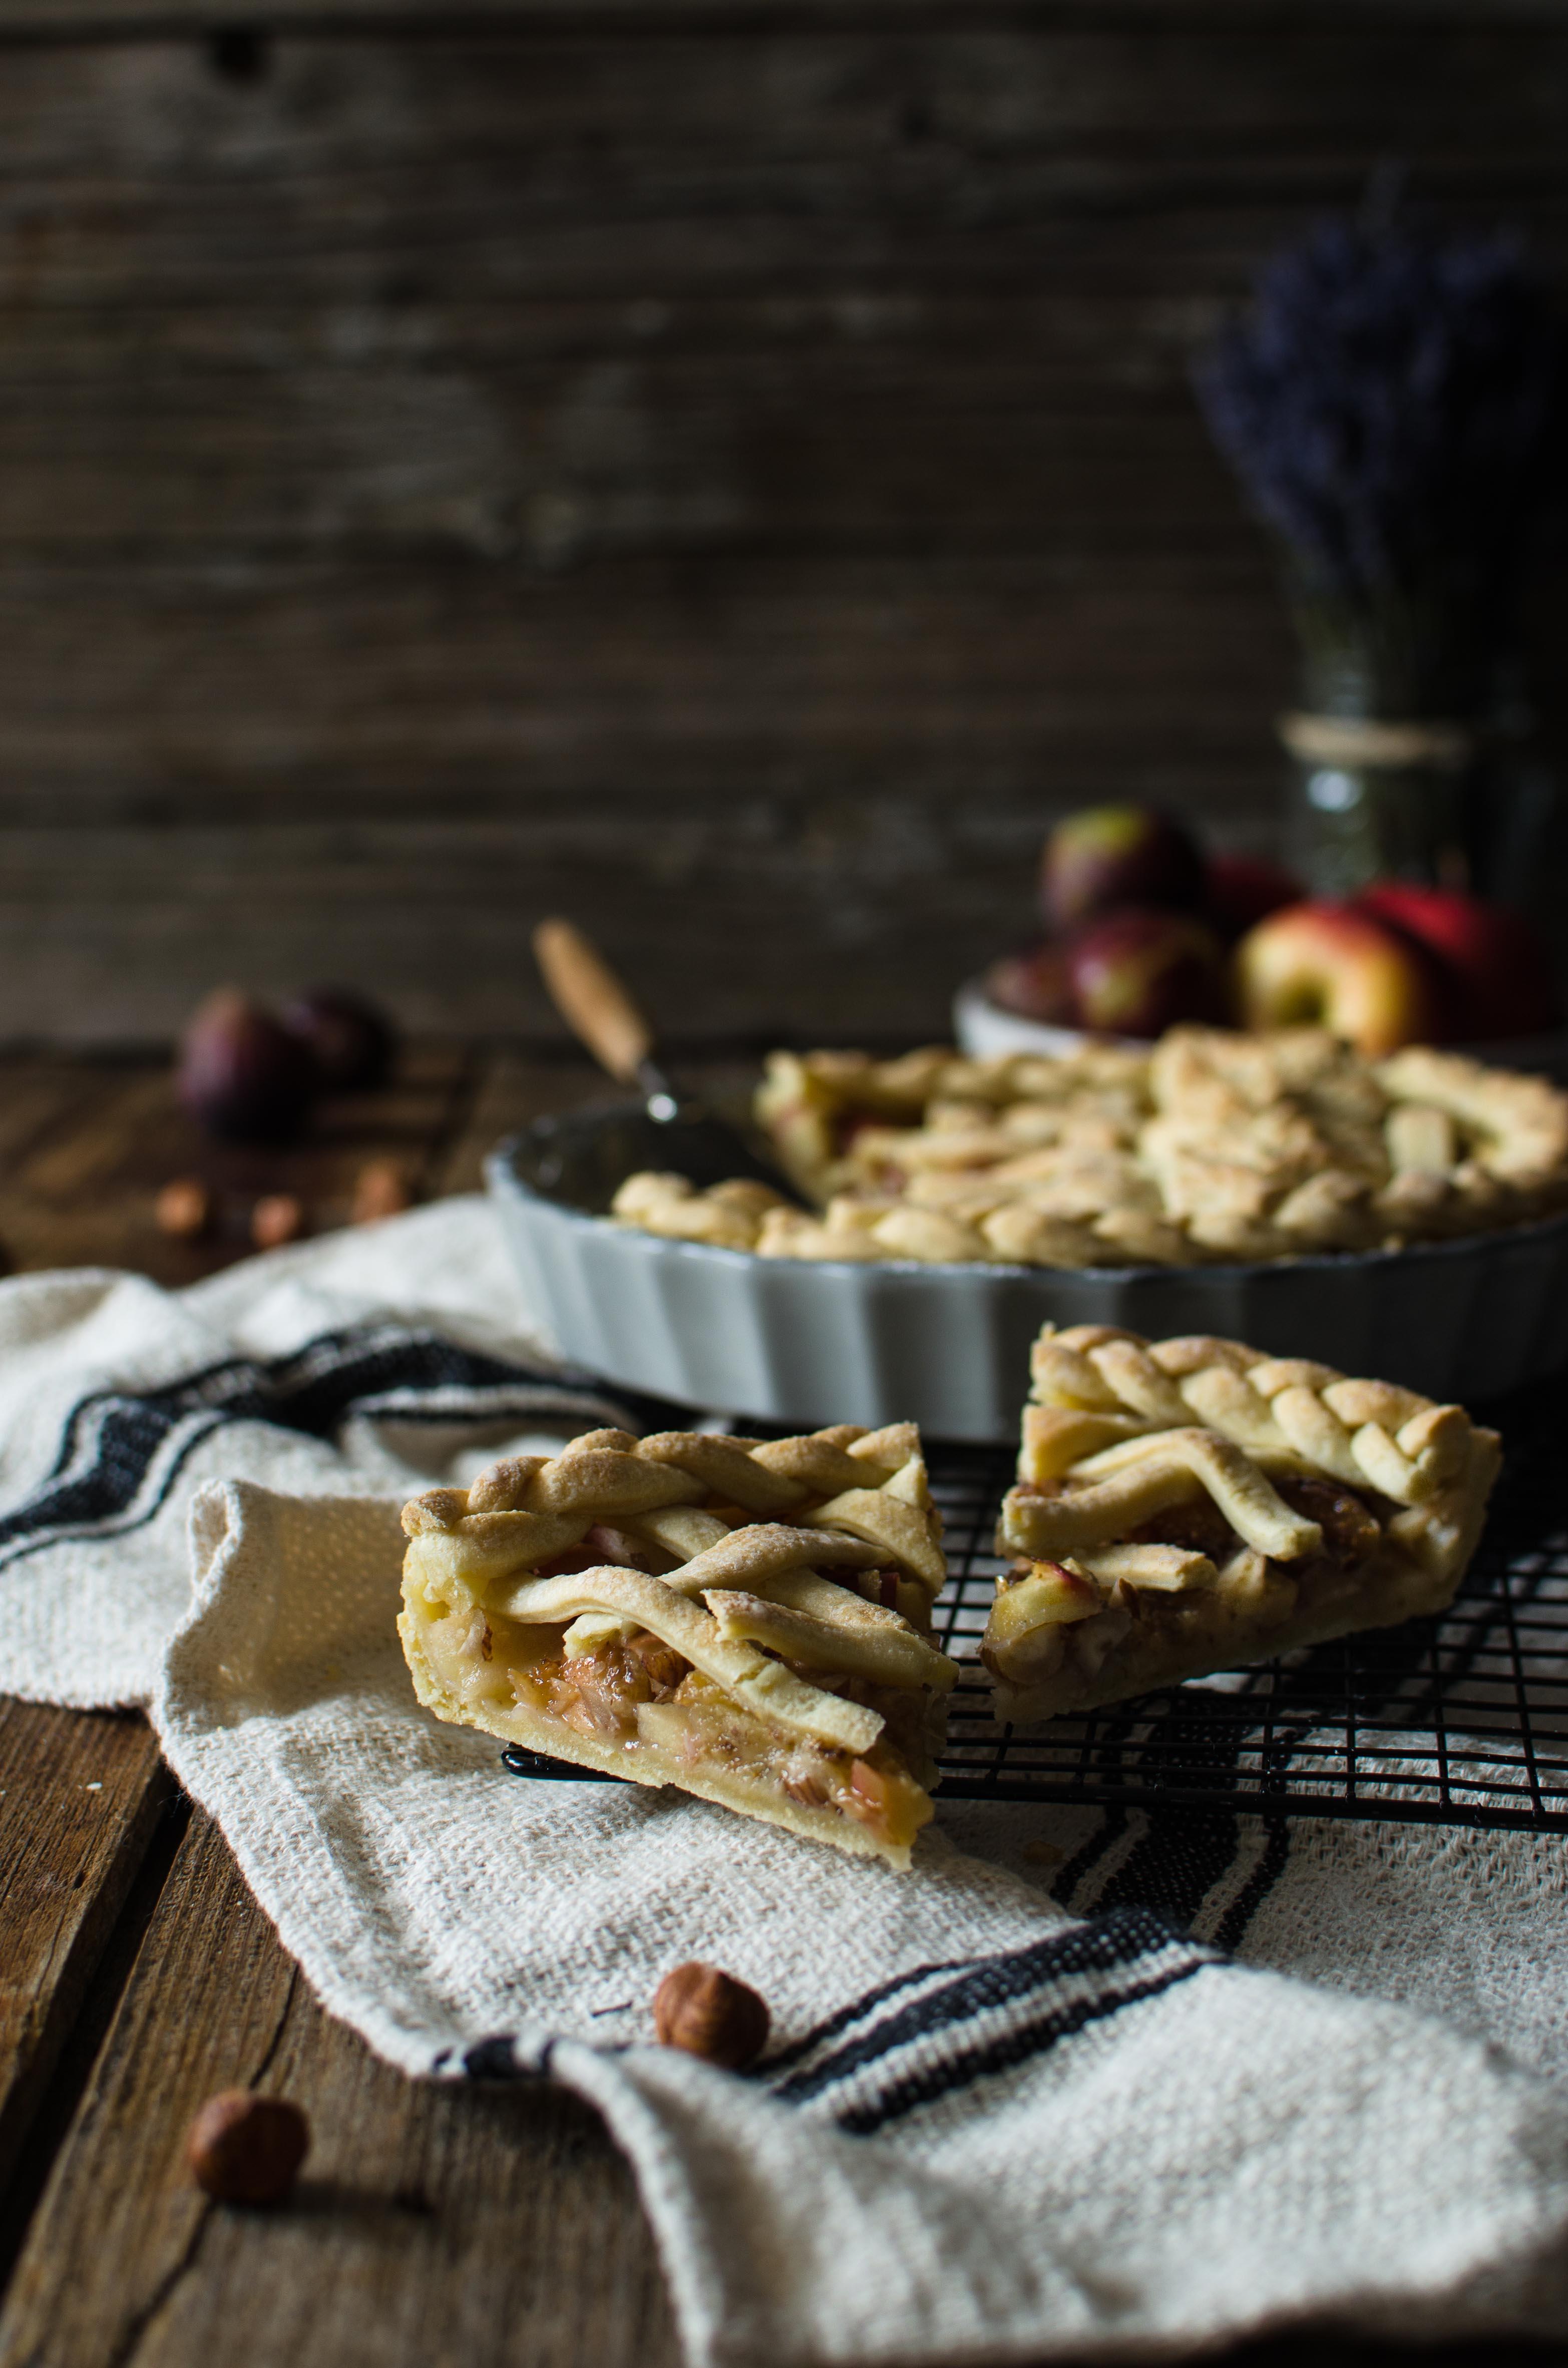 torta_nocciole Pie mele, fichi e nocciole